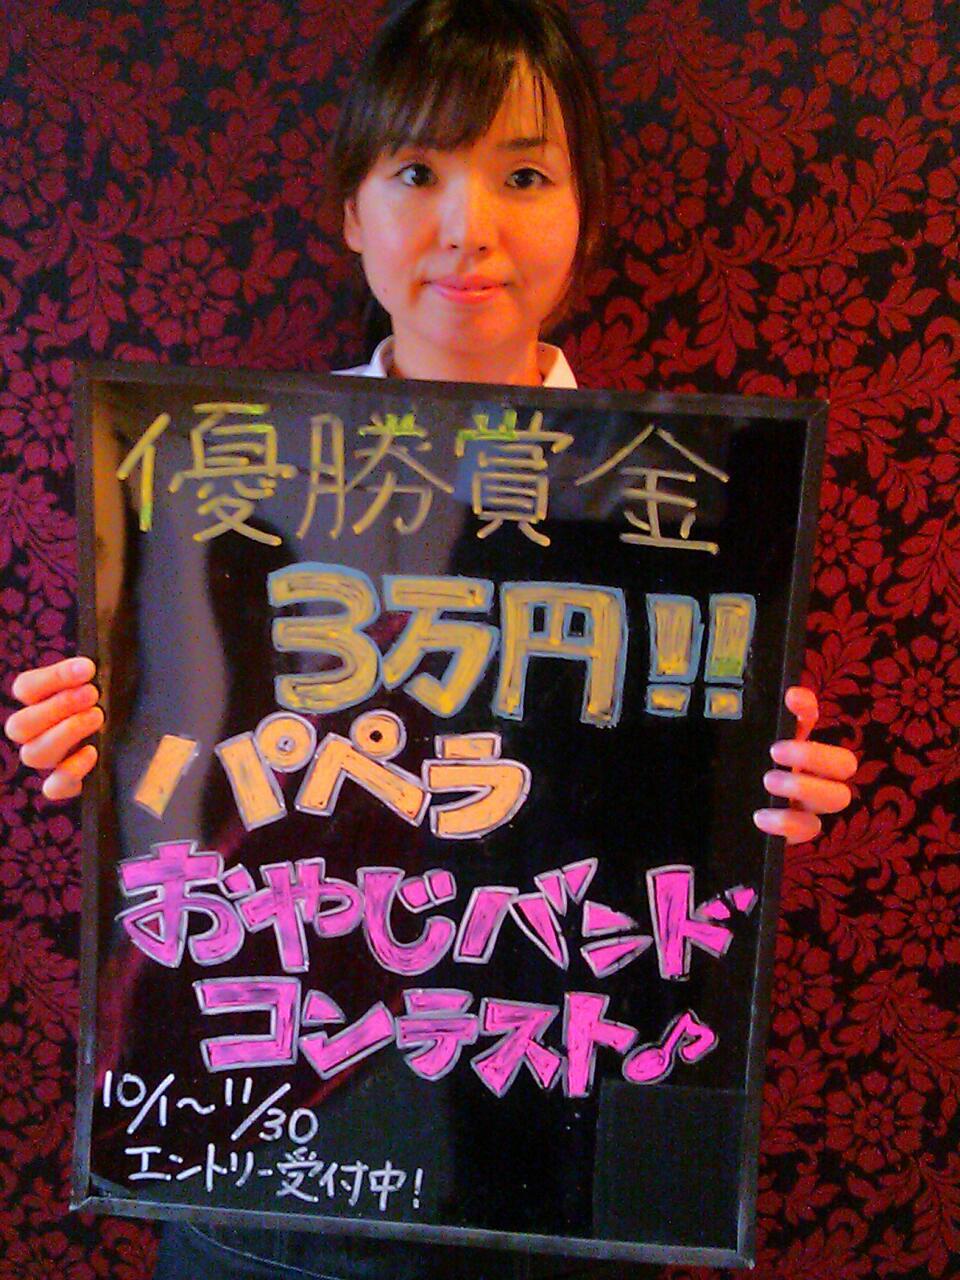 【おやじバンドコンテスト!】申し込み方法_f0076907_19544730.jpg